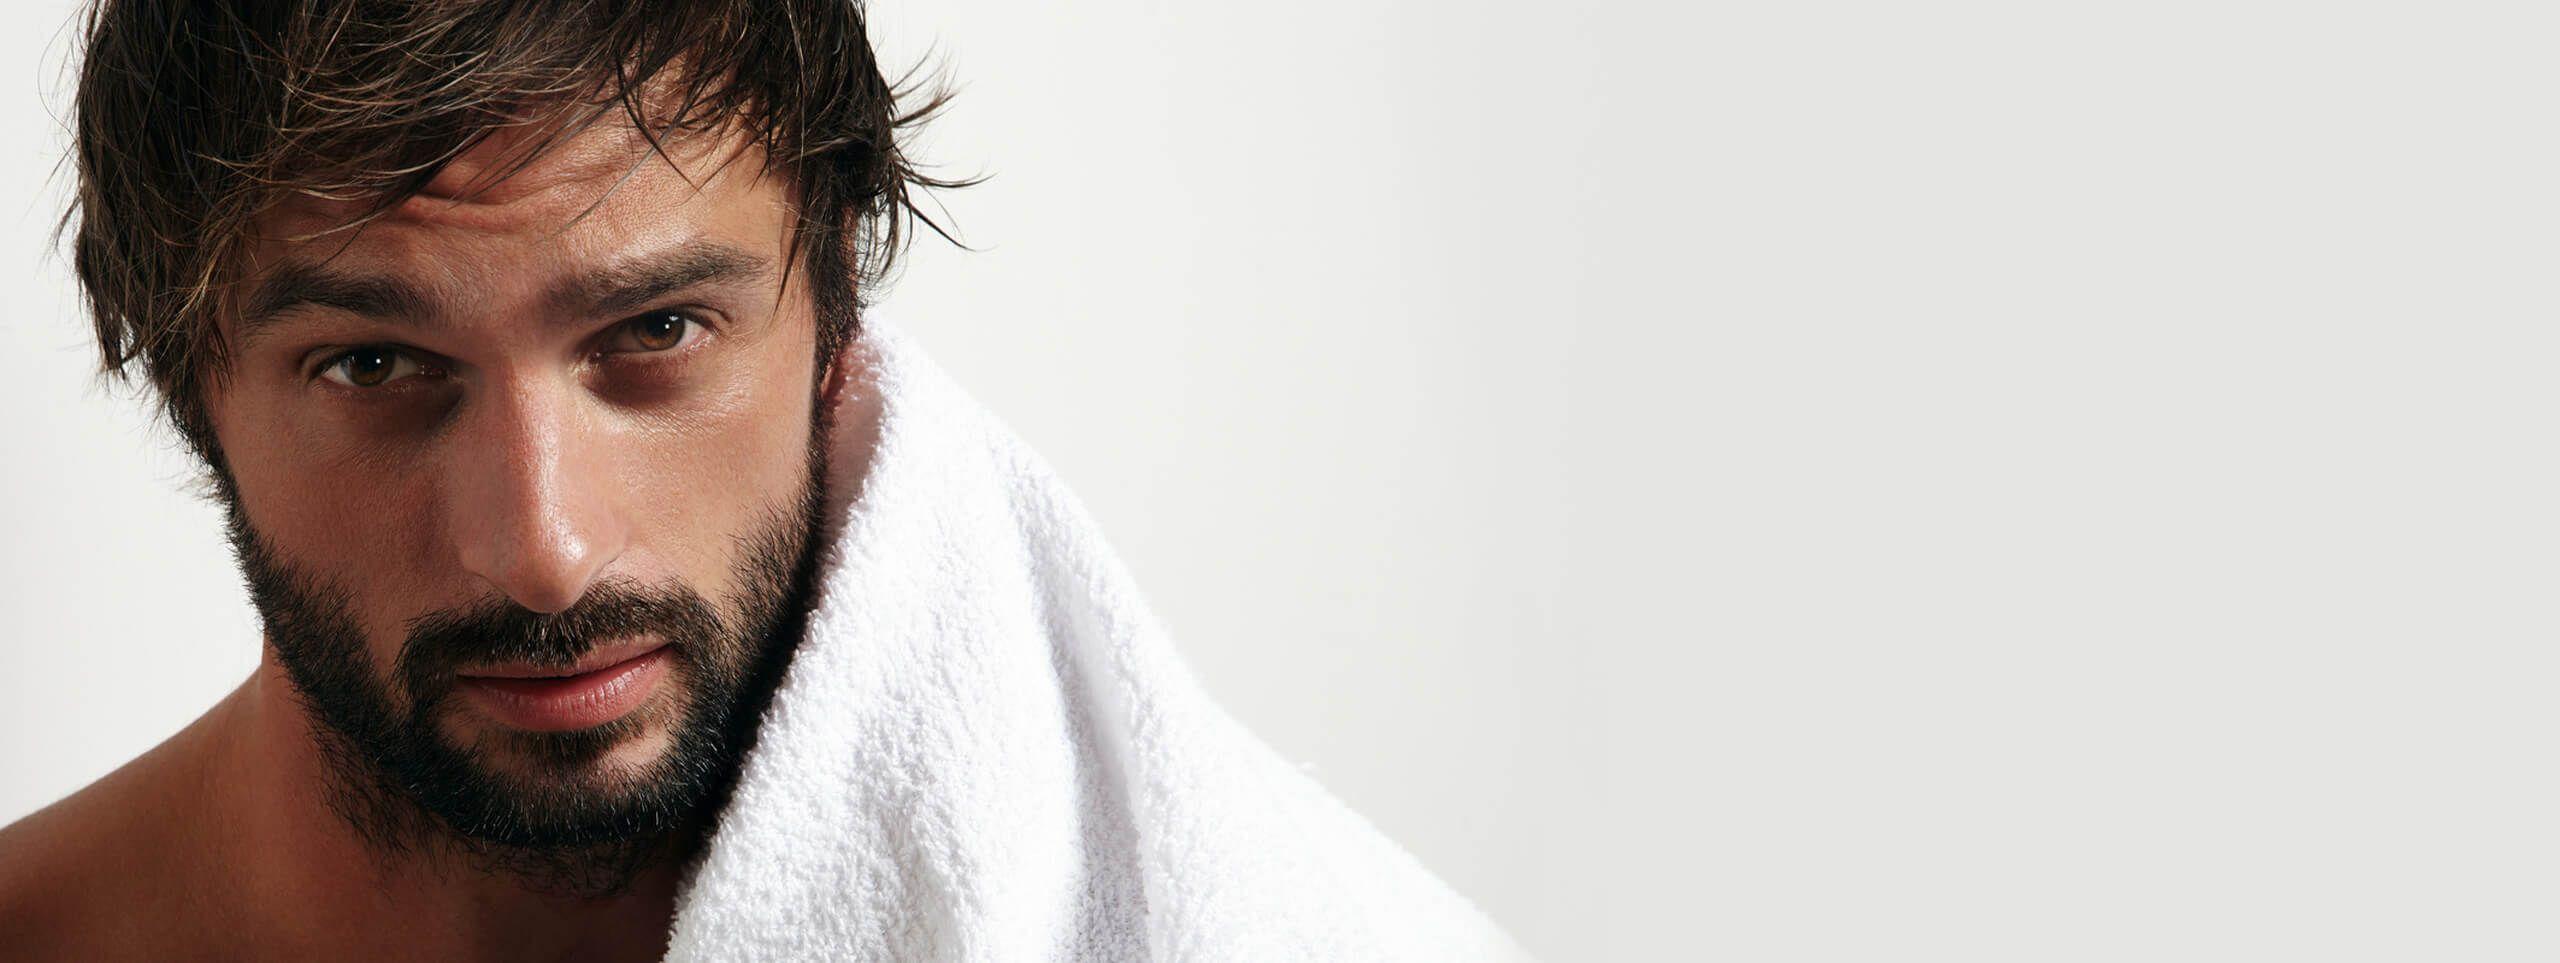 Homme brun sortant de la douche